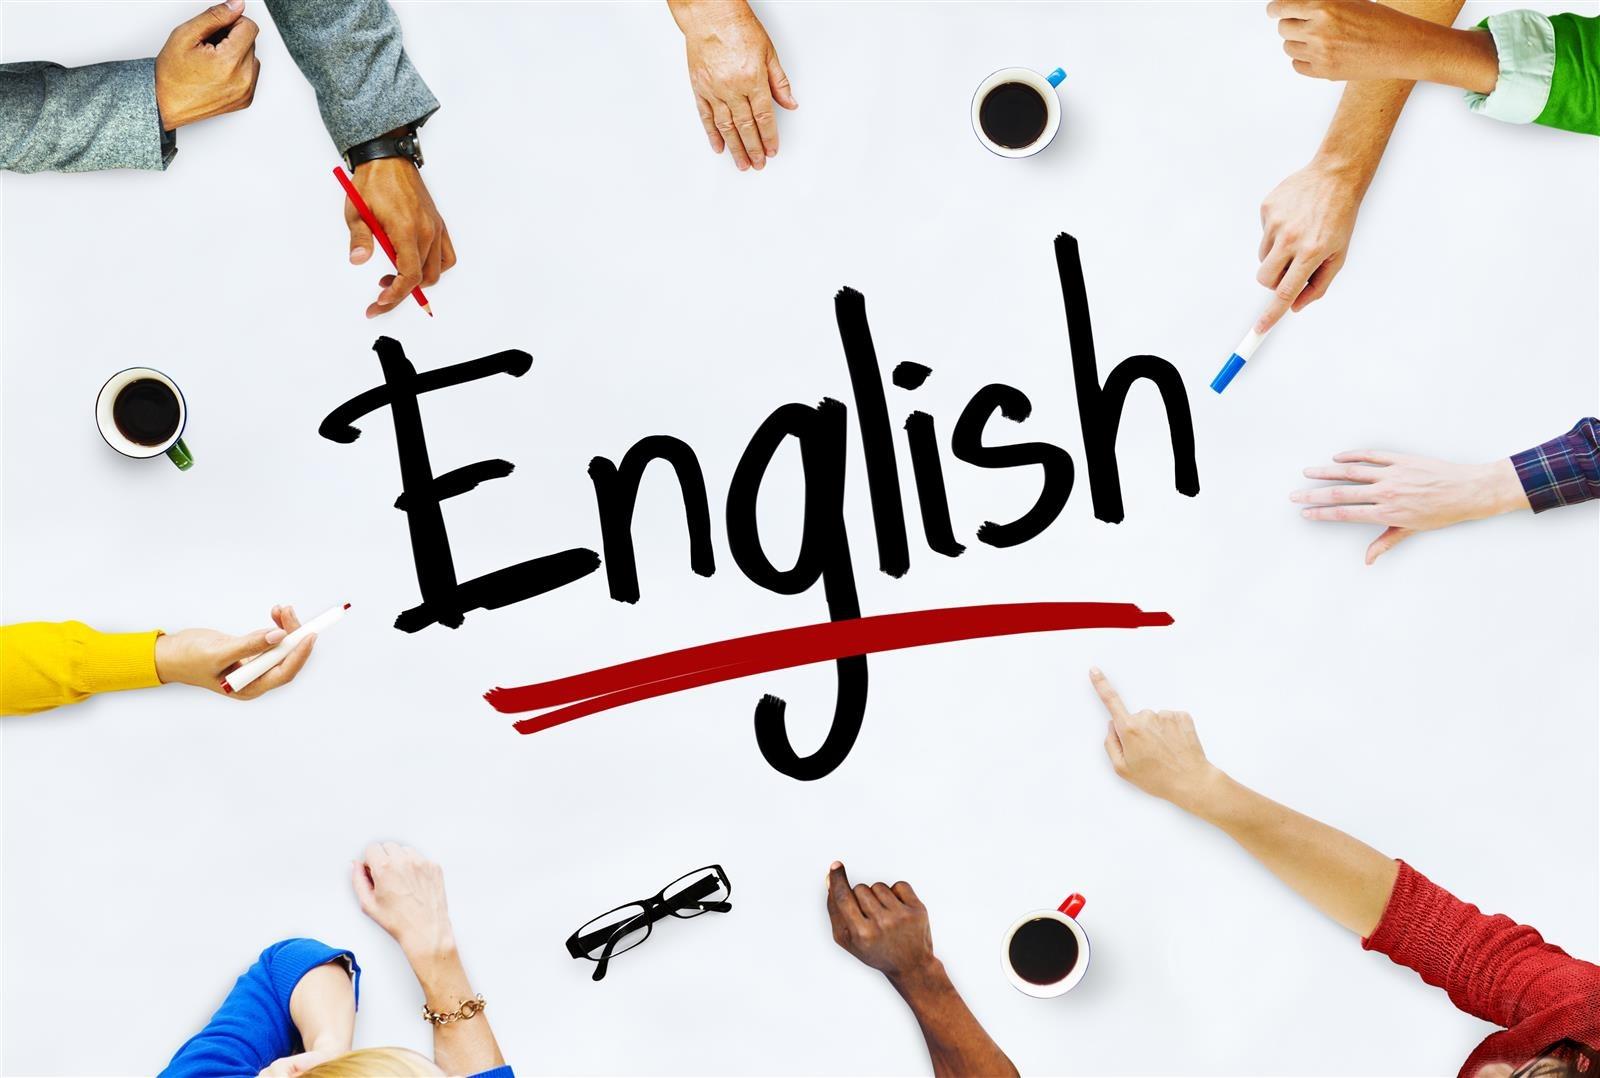 كورسات إنجليزي ببلاش.. اتعلم أونلاين في شهر أبريل